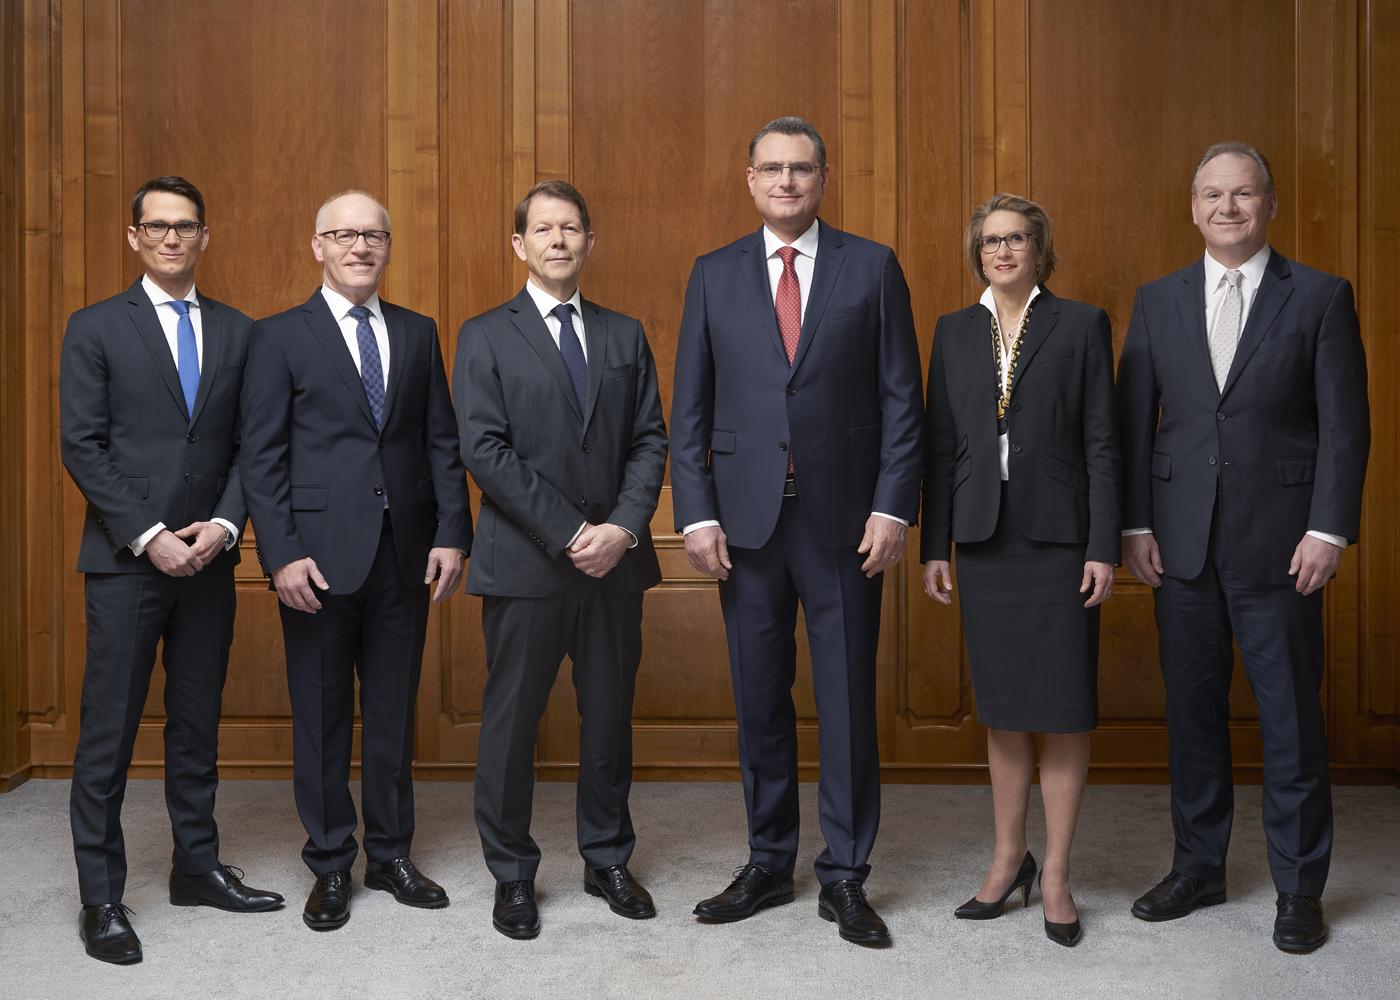 Gruppenfoto Erweitertes Direktorium. Schweizerische Nationalbank SNB